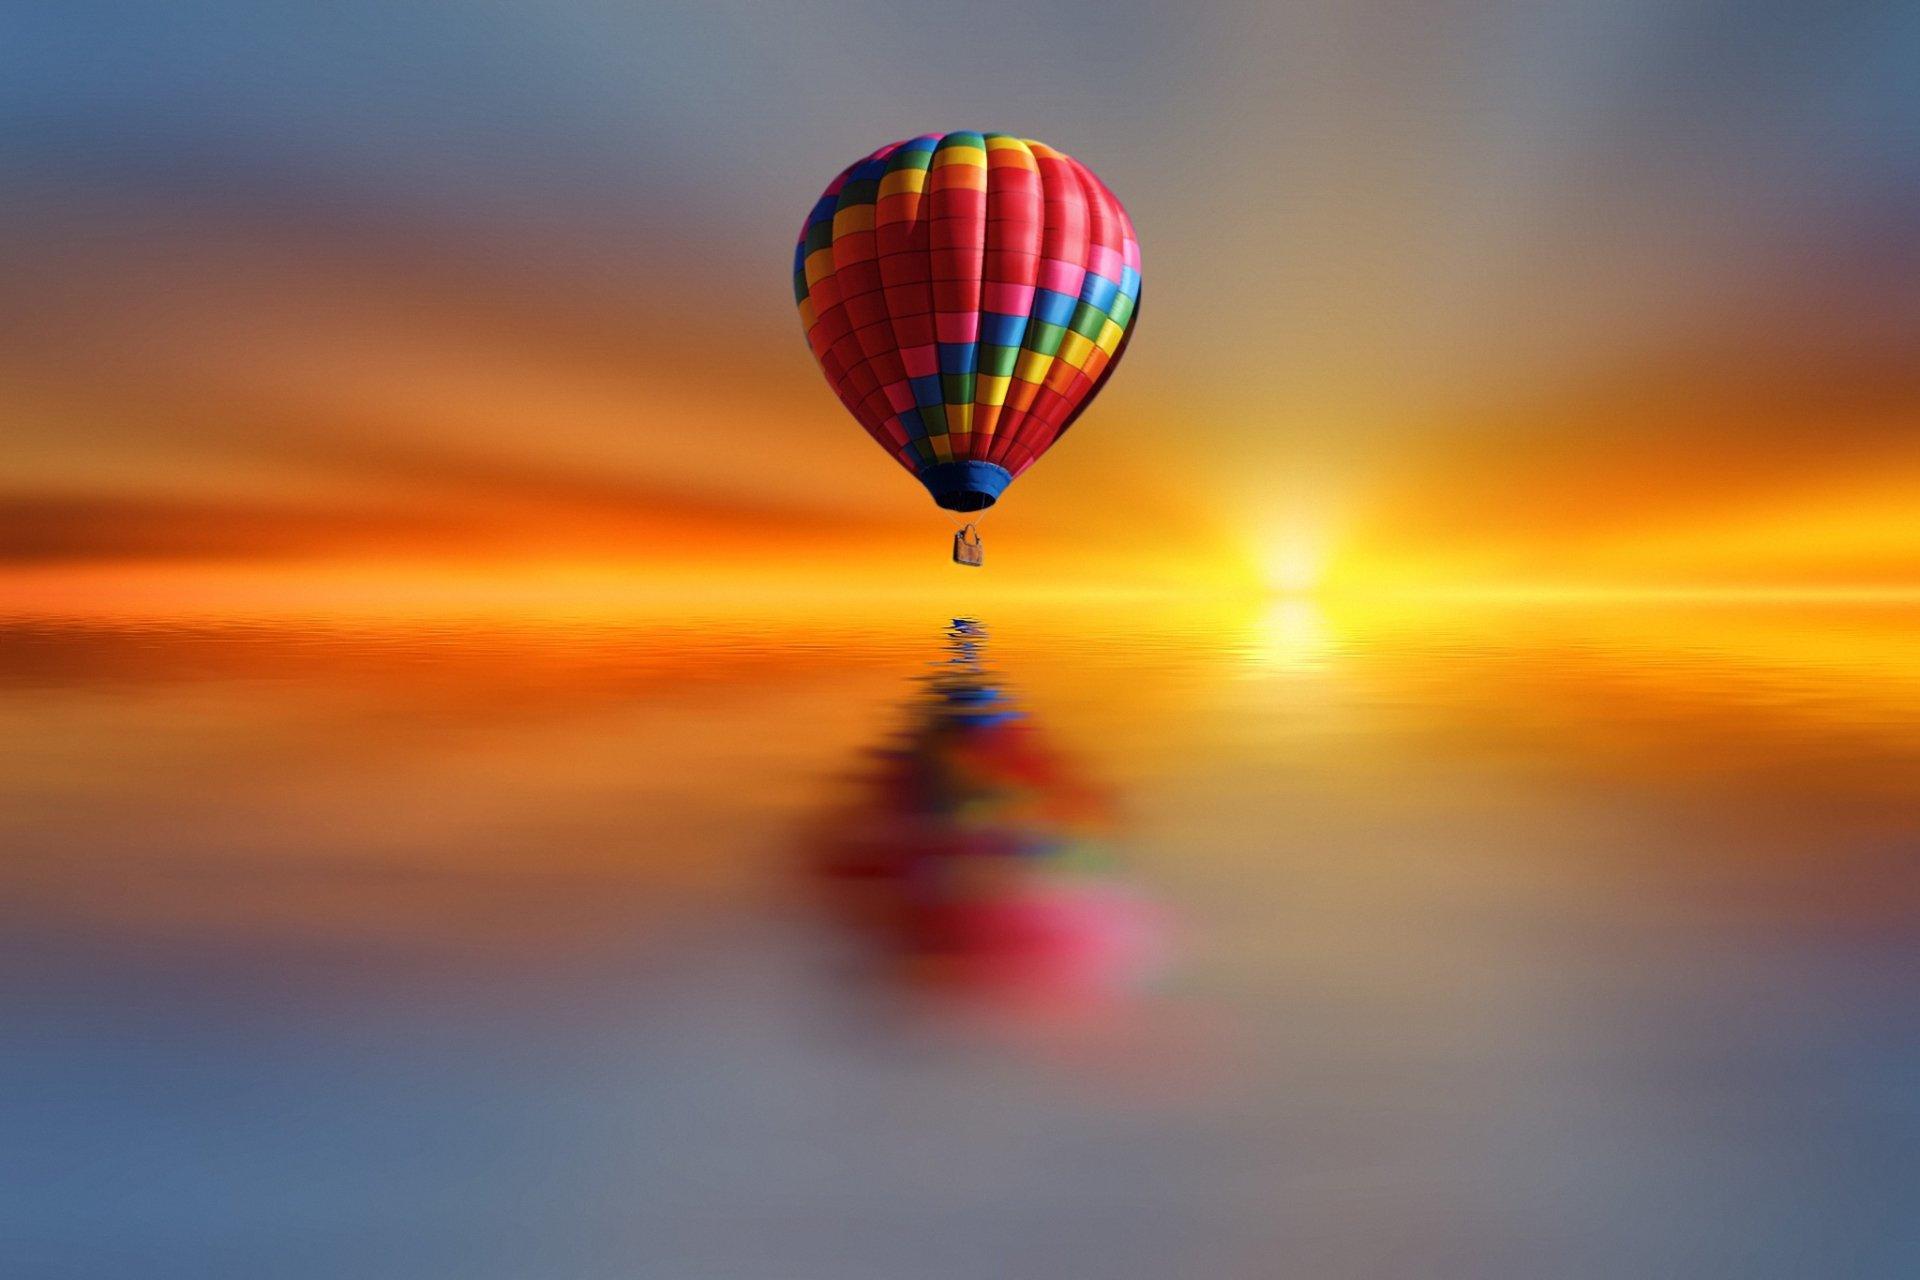 Vehicles - Hot Air Balloon  Reflection Sunset Wallpaper